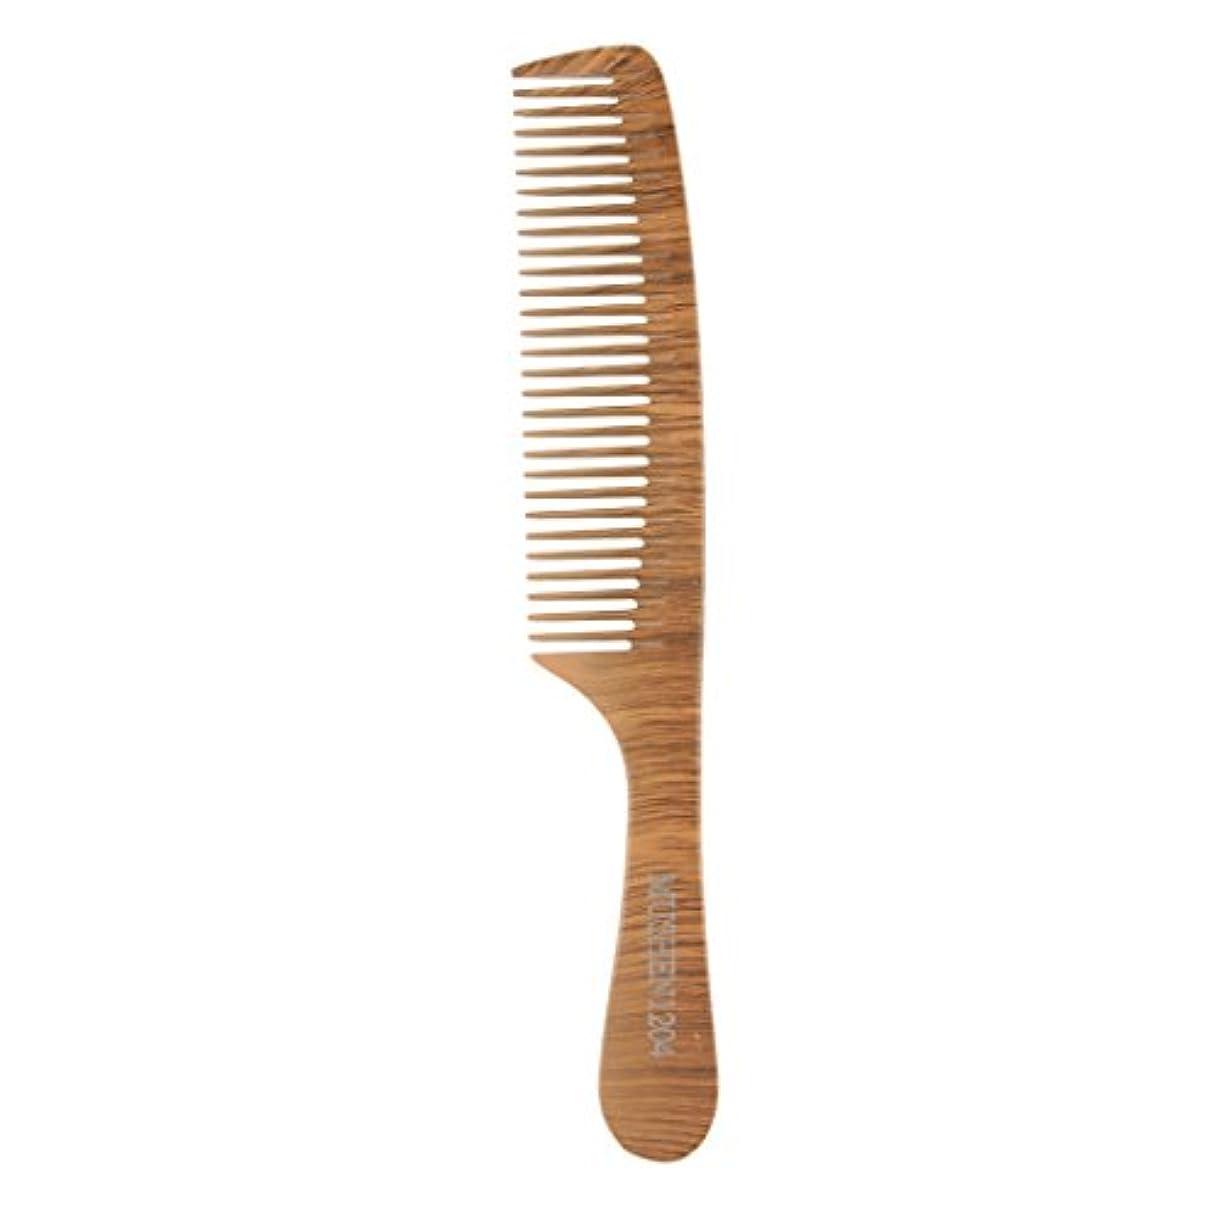 免除アロング民間木の理髪のスタイリングの櫛、大広間およびホテルのヘアケアツールのための頑丈な細かい歯の毛の櫛 - 1204